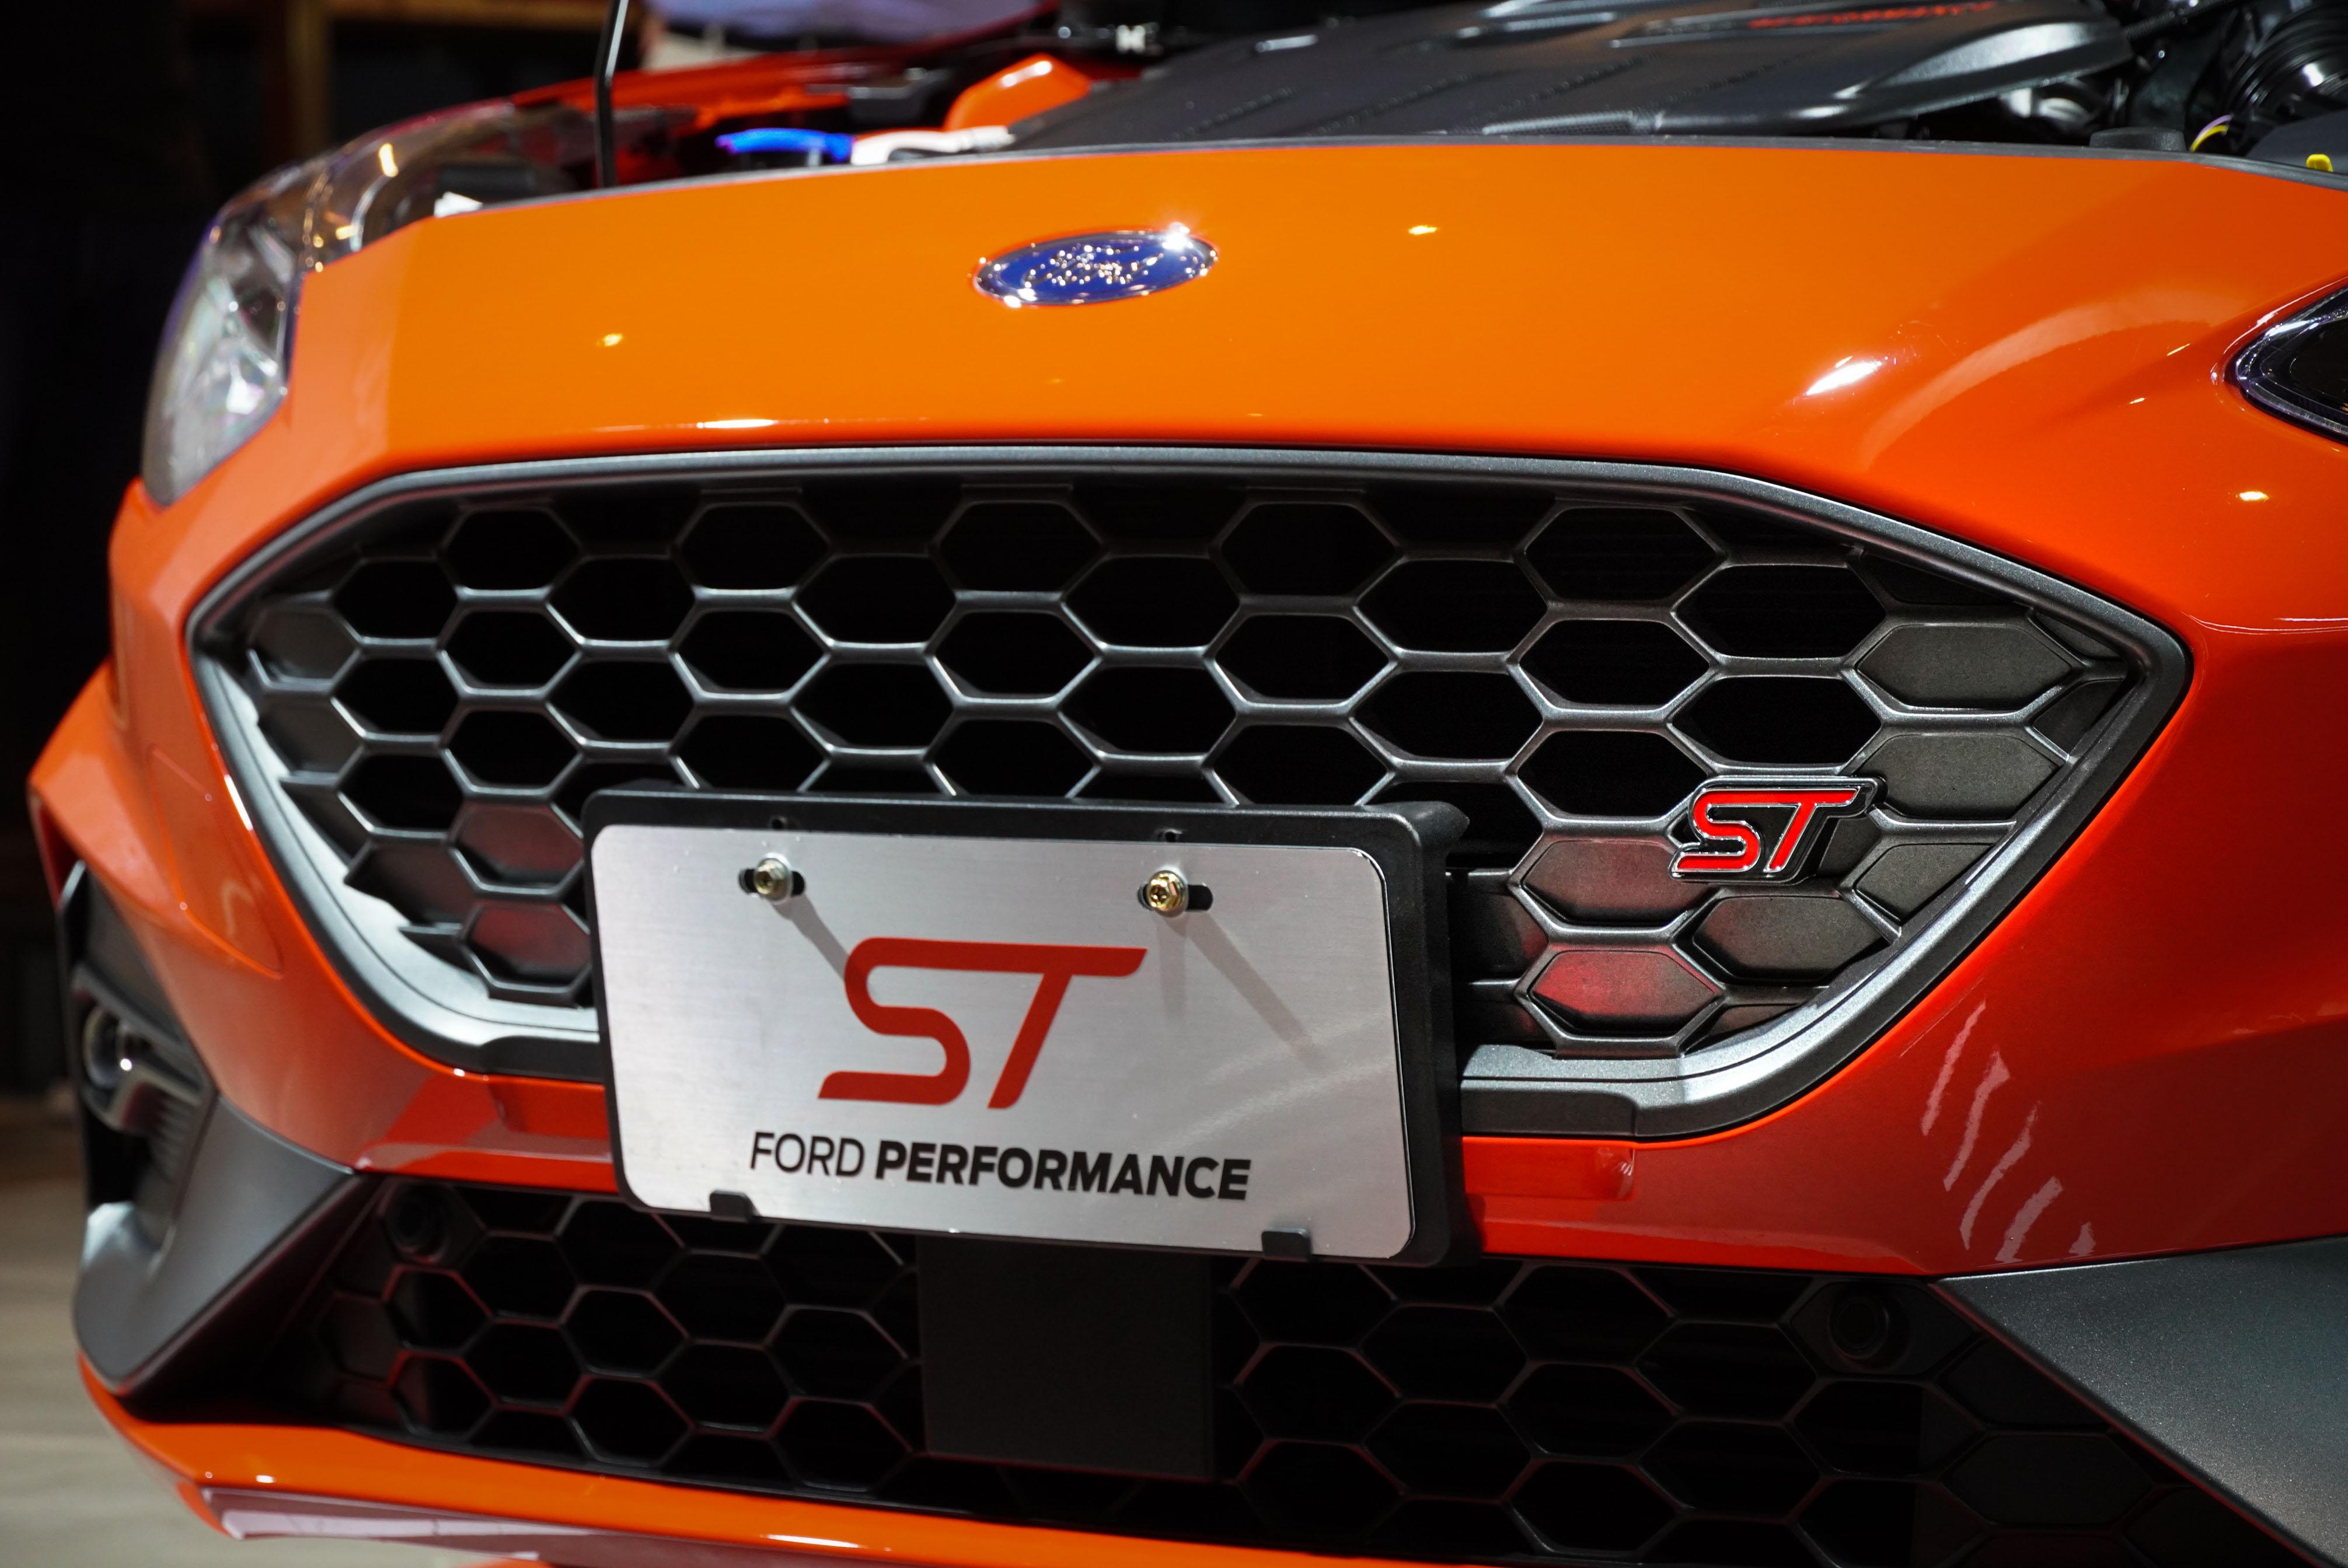 結合專屬 ST 銘牌標誌的車頭蜂巢狀水箱護罩。